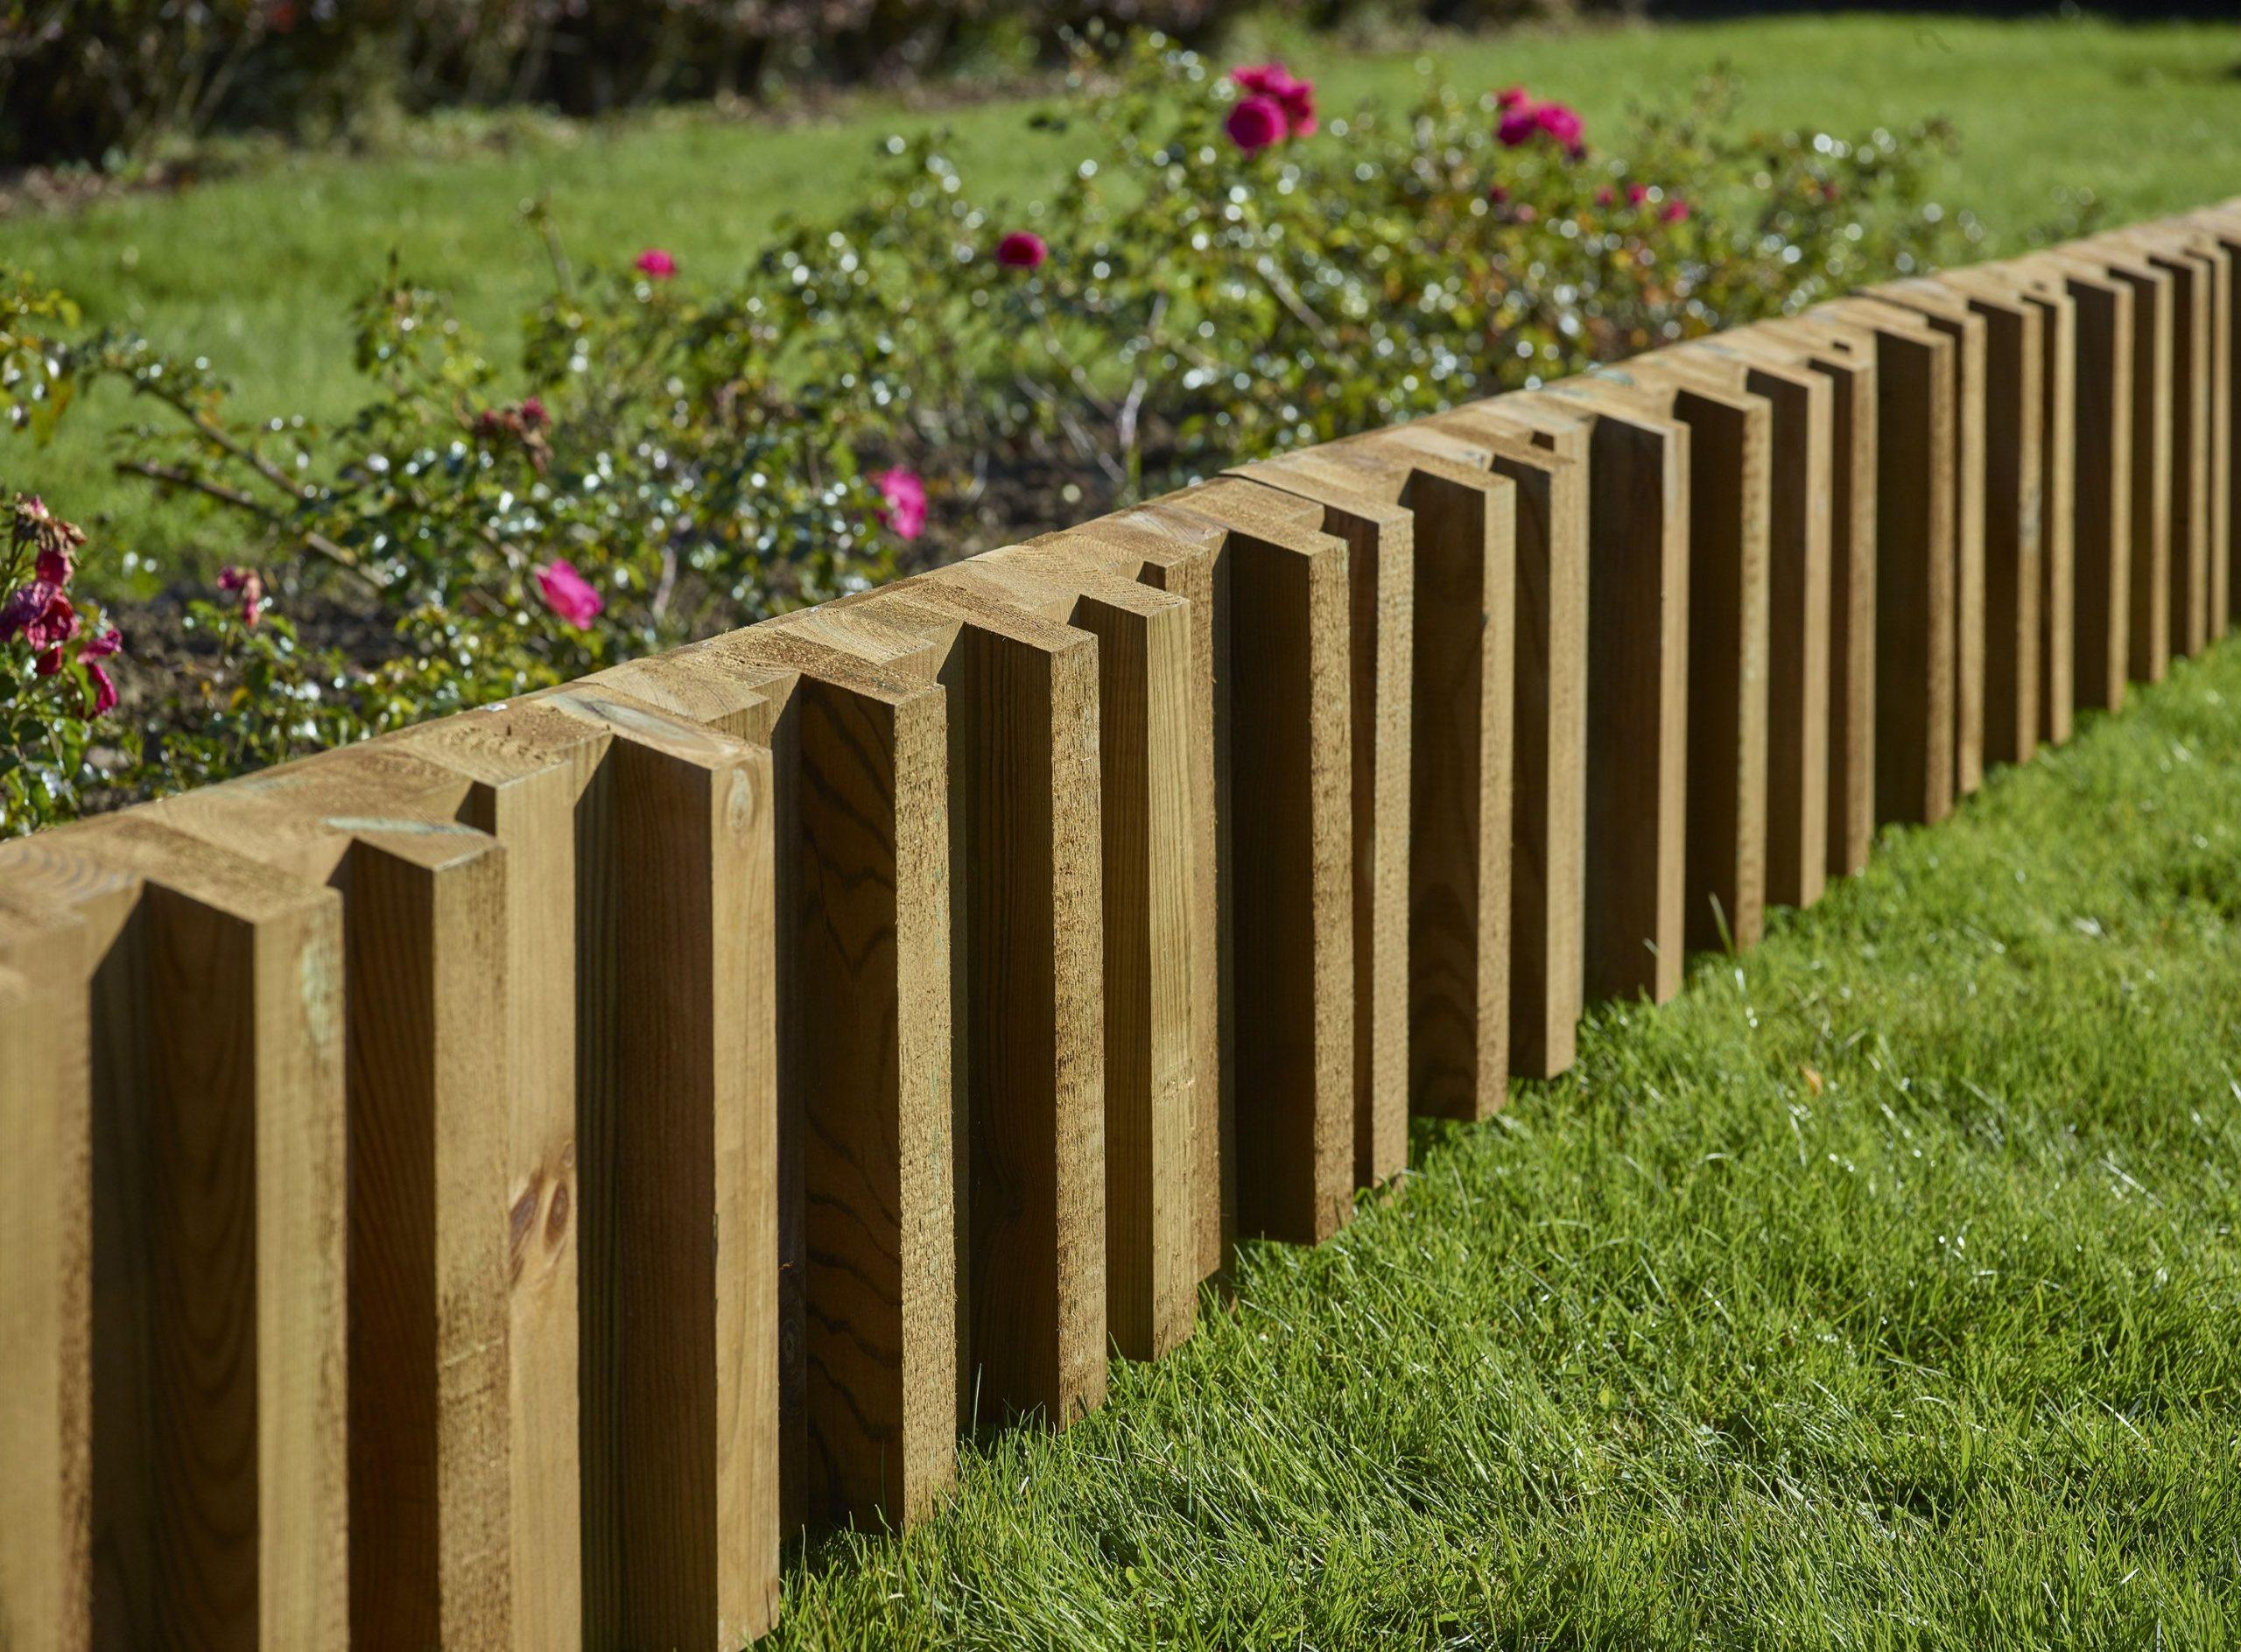 Bordure En Bois Design Et Tendance Pour Votre Jardin ... encequiconcerne Bordure Bois Pour Jardin